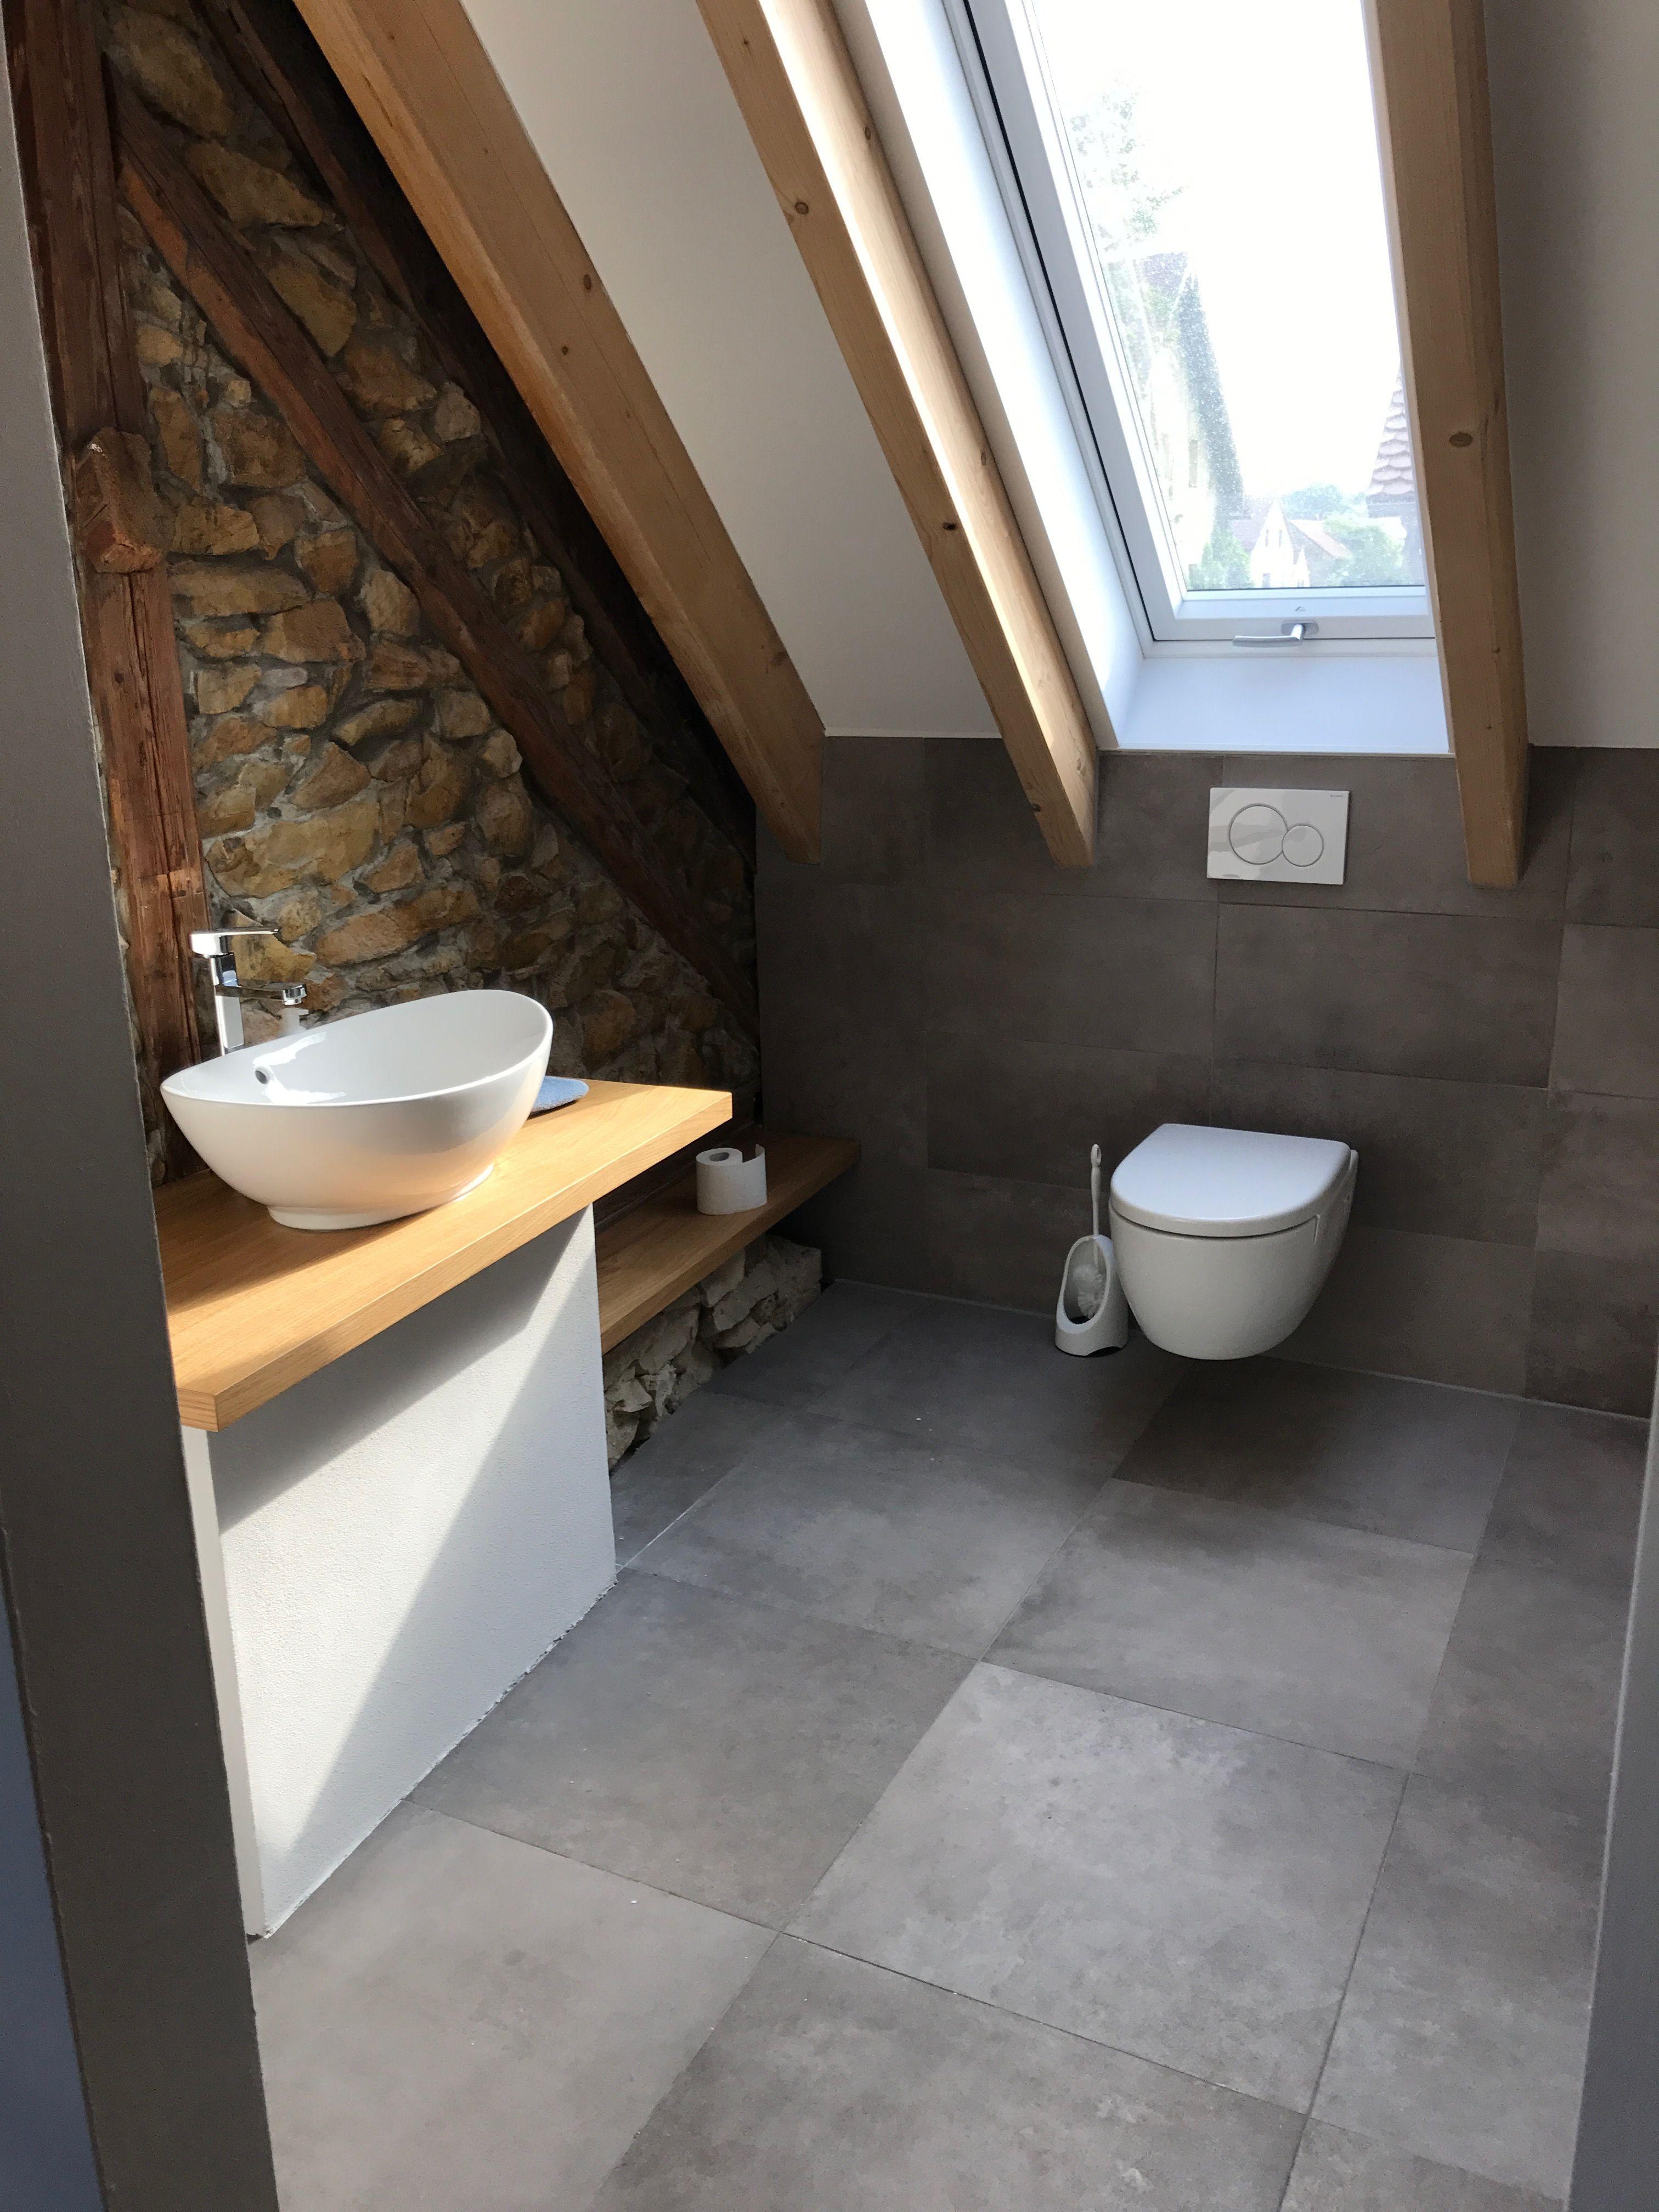 Sanierung Scheune Bad Bruchstein Badezimmer Dachfenster Dachschrage Badezimmer Dachschrage Badezimmer Dachgeschoss Badezimmer